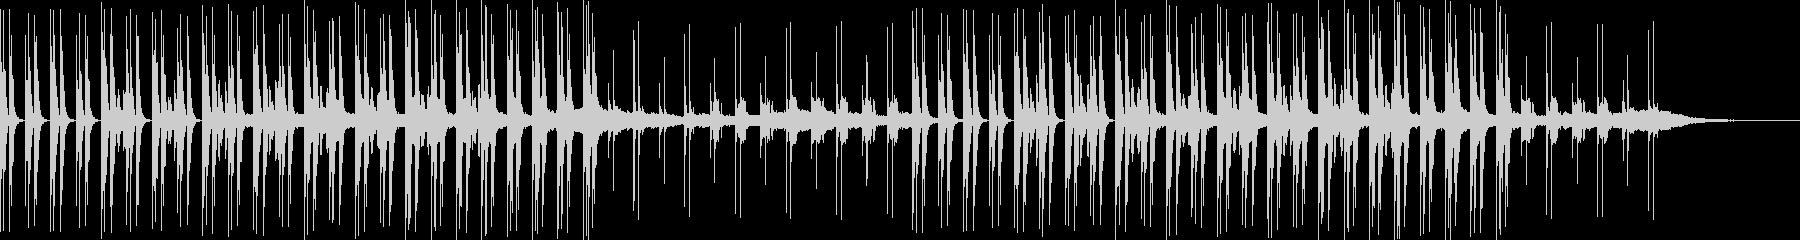 適度な音色数と使いやすいトラックの未再生の波形